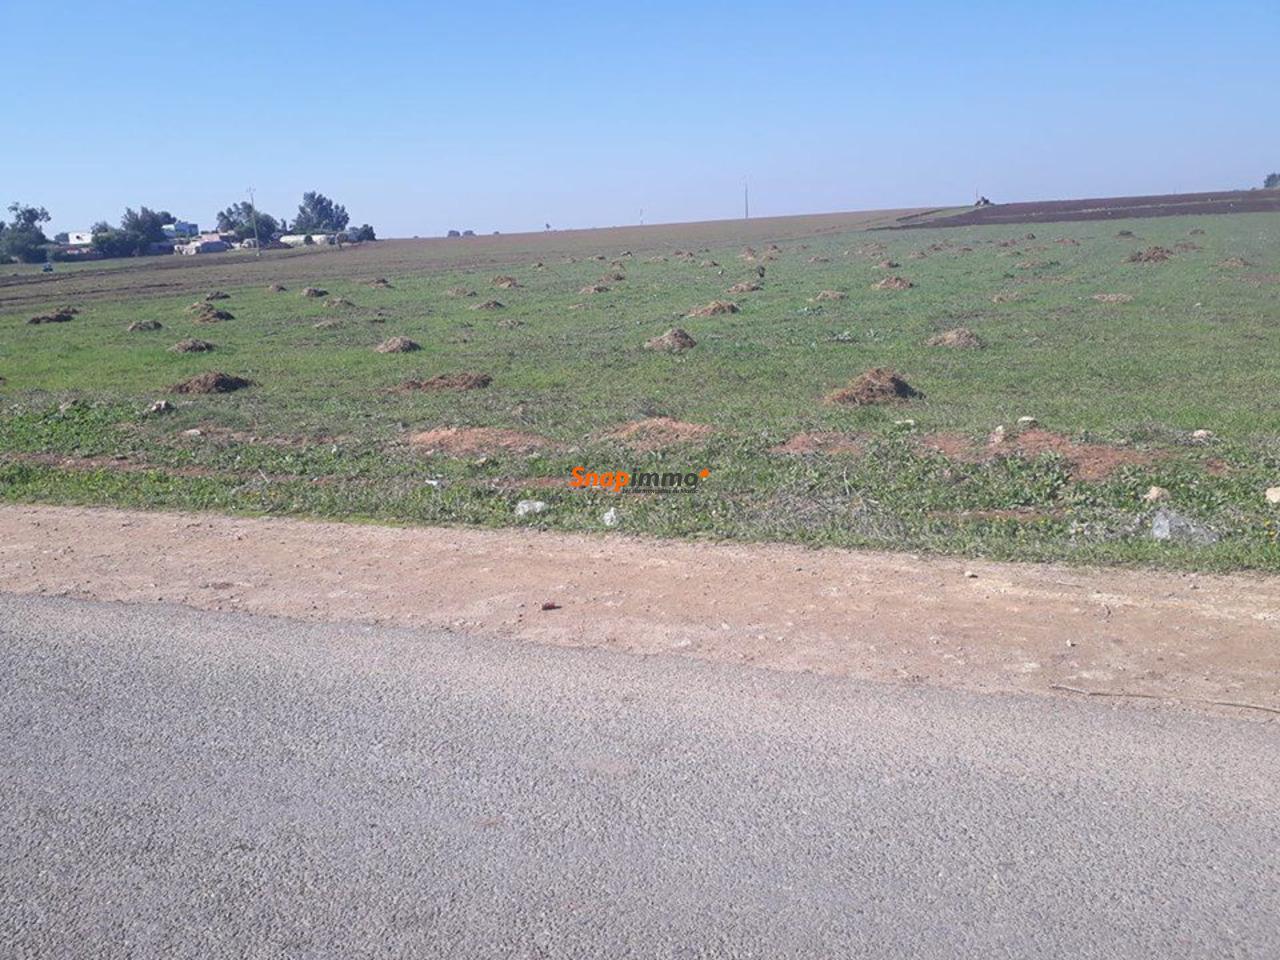 Vente terrain à Casablanca au prix de 800 dhs/m² Gsm 0637846987 / 0617016696 - 2/6